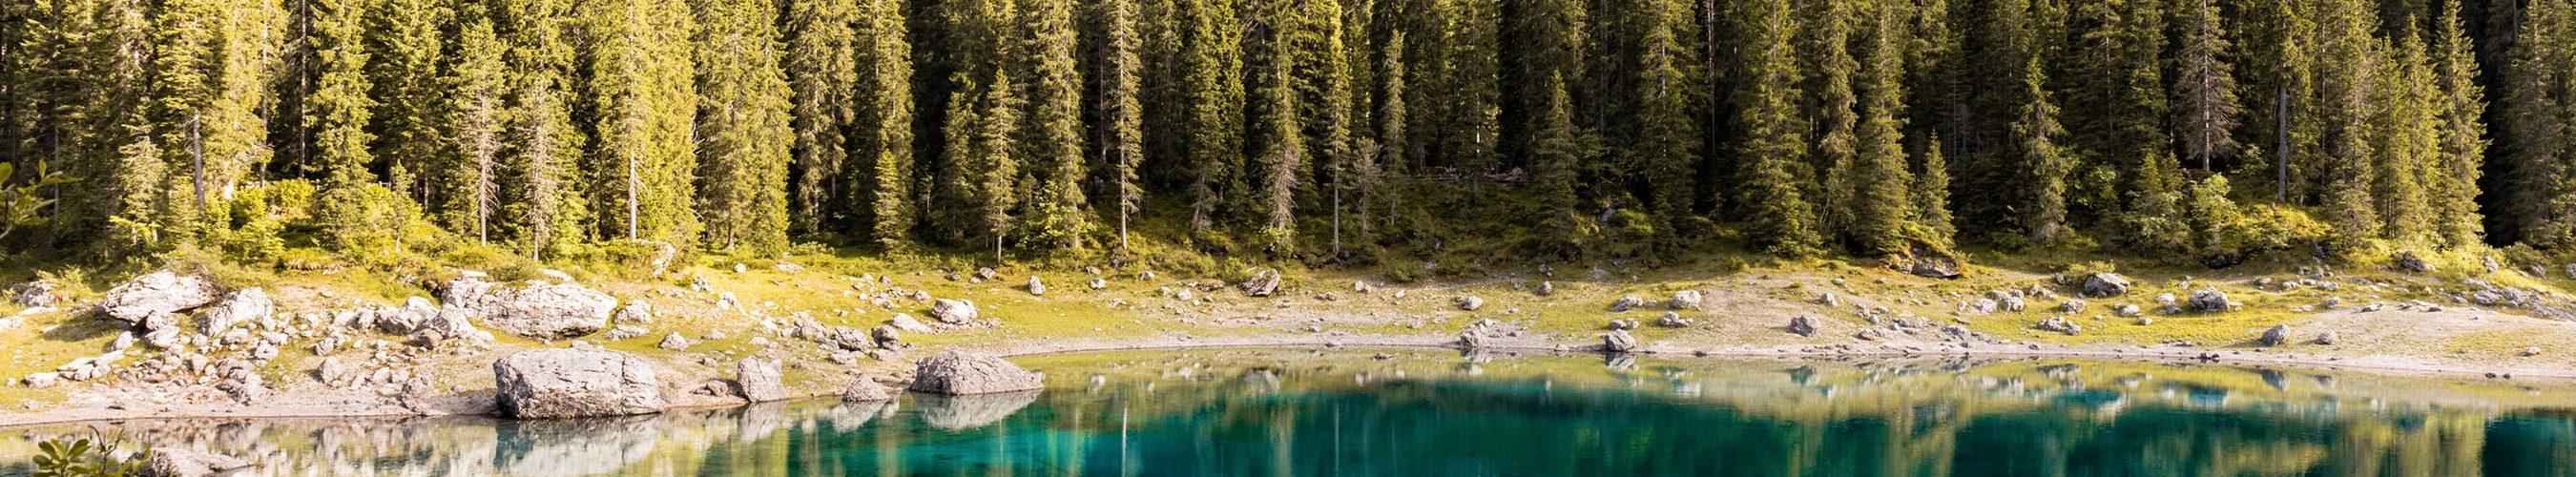 bergen-meer-helder-water